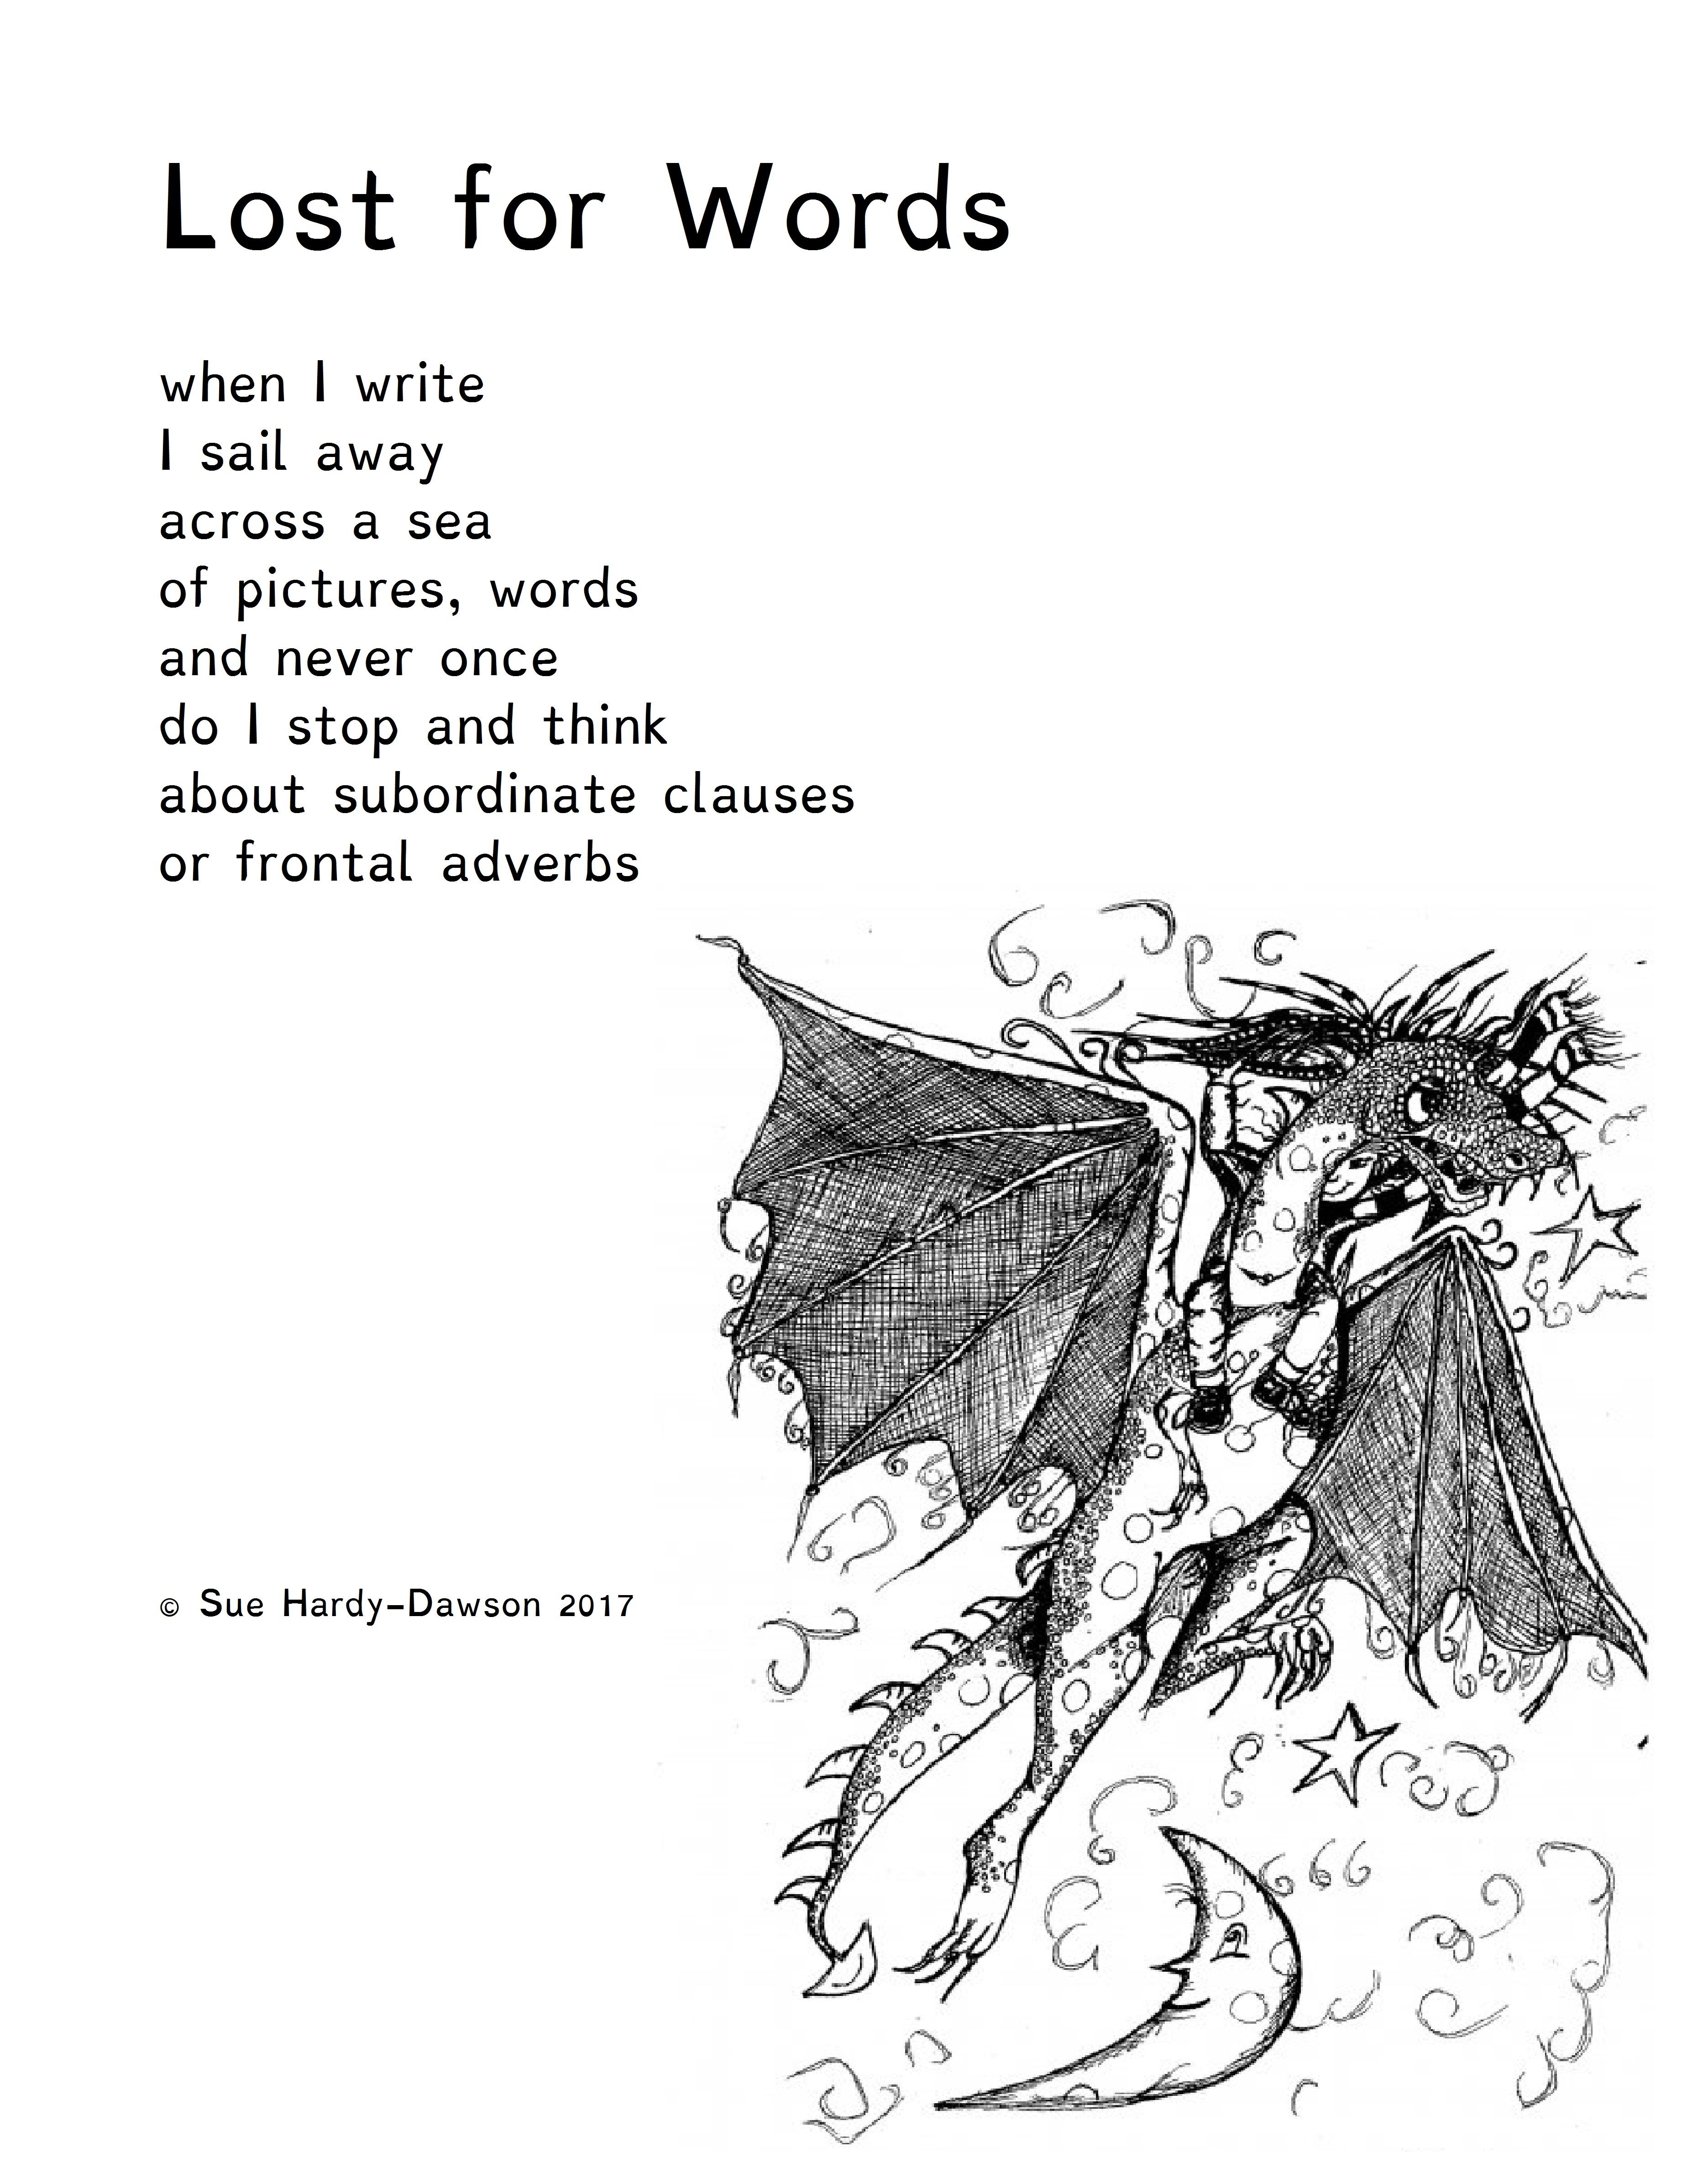 Sue Hardy-Dawson – Language Rules!